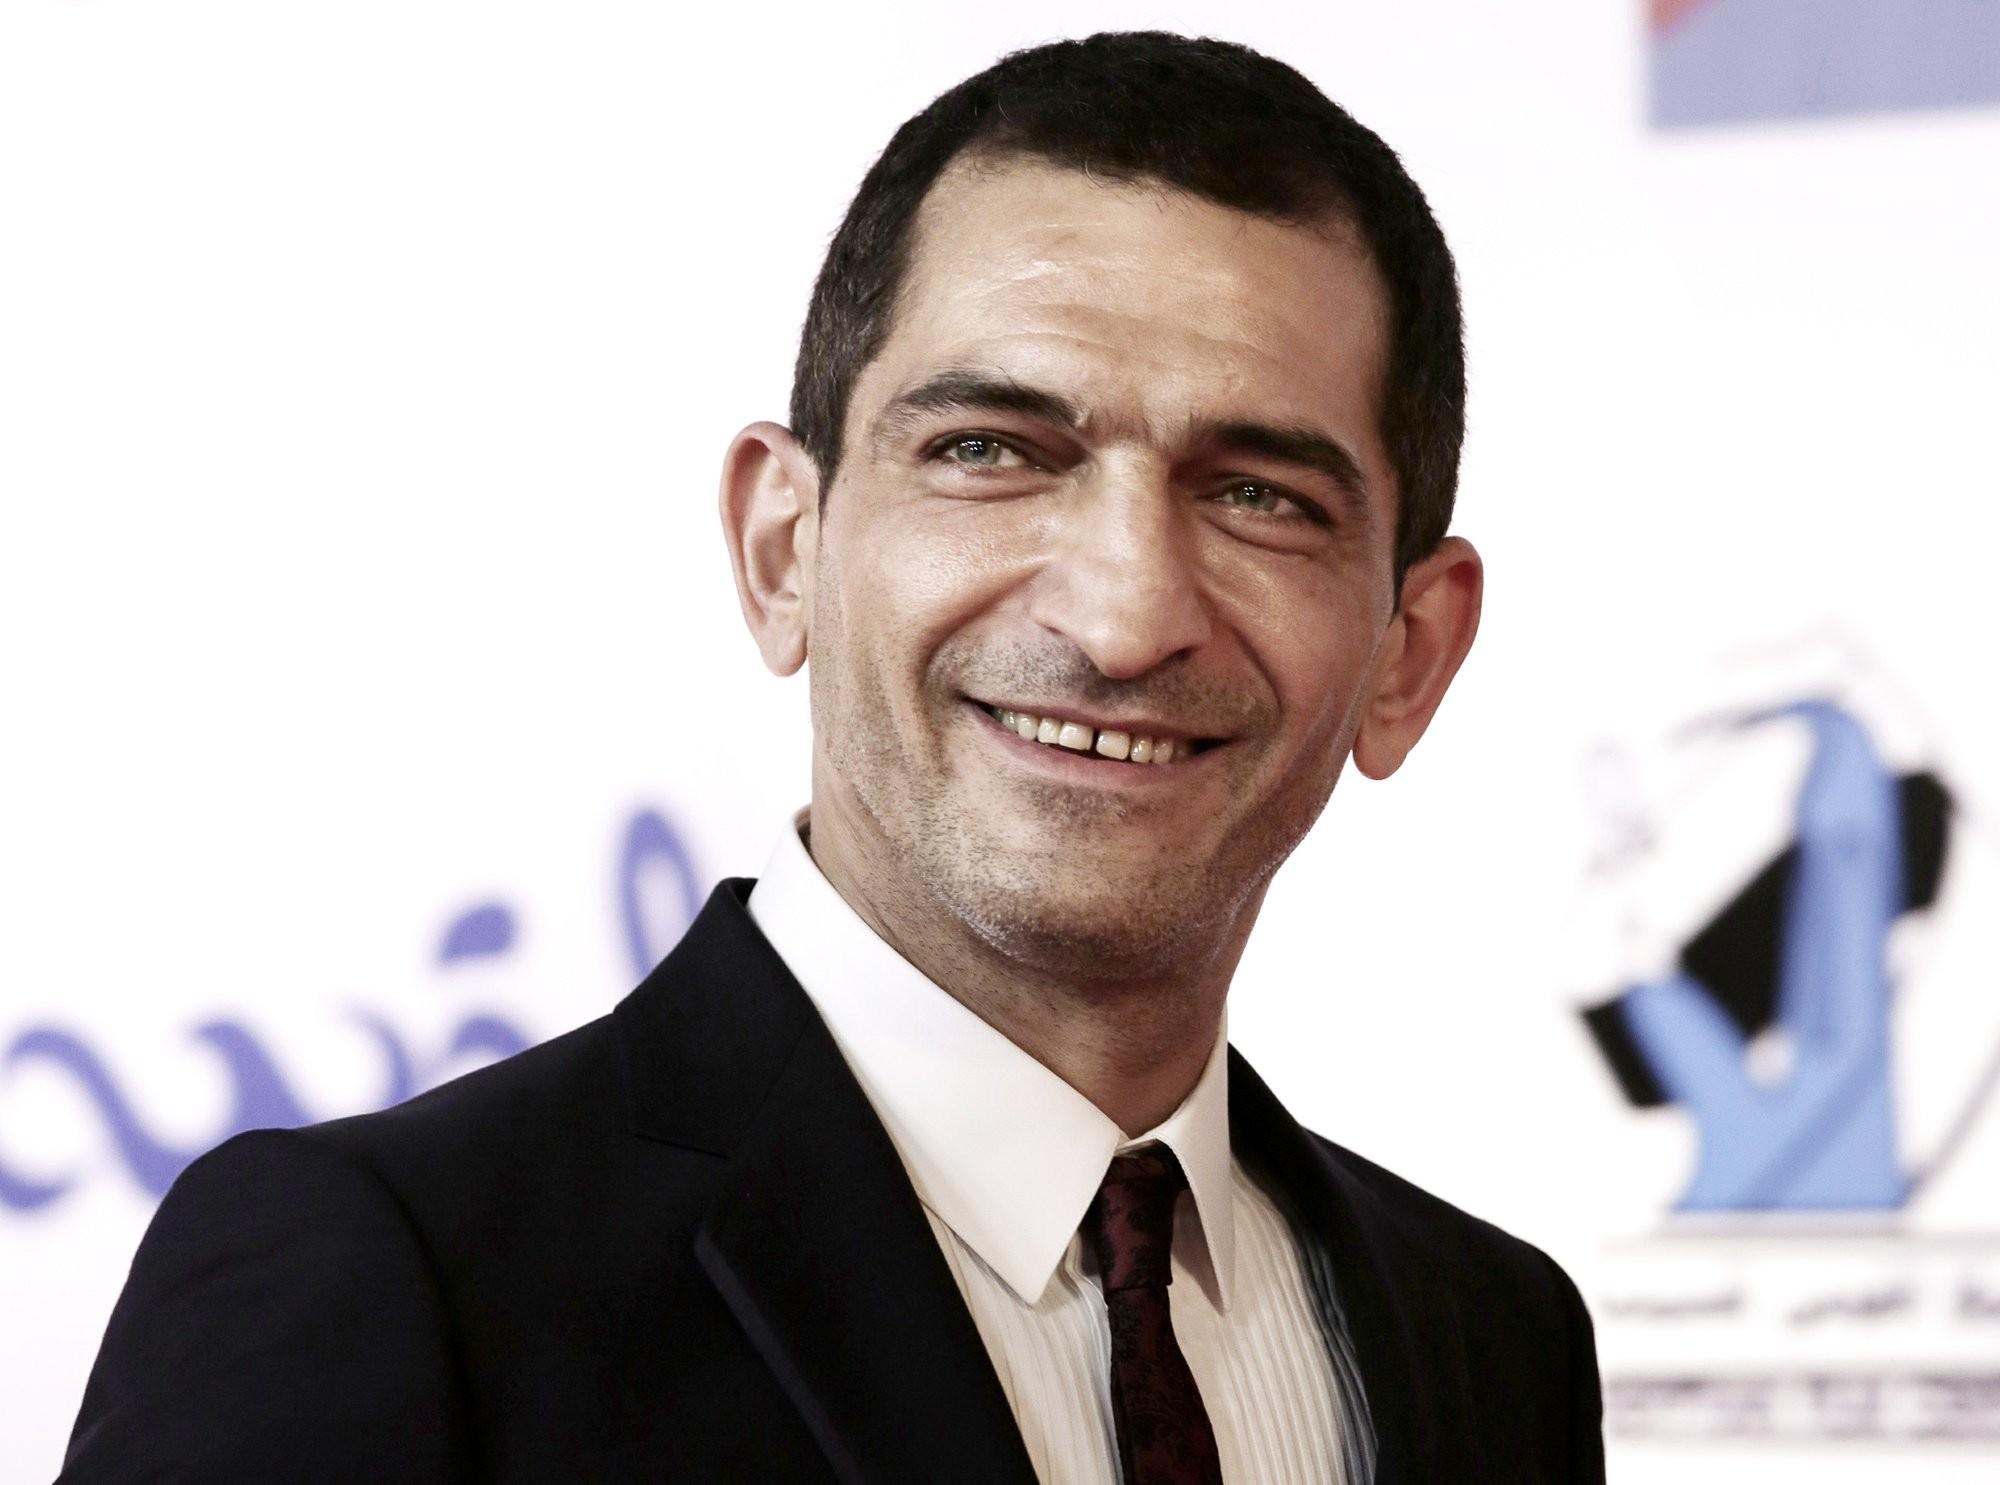 عمرو واكد يتعرّض لملاحقة سياسية كبيرة (أ ب)